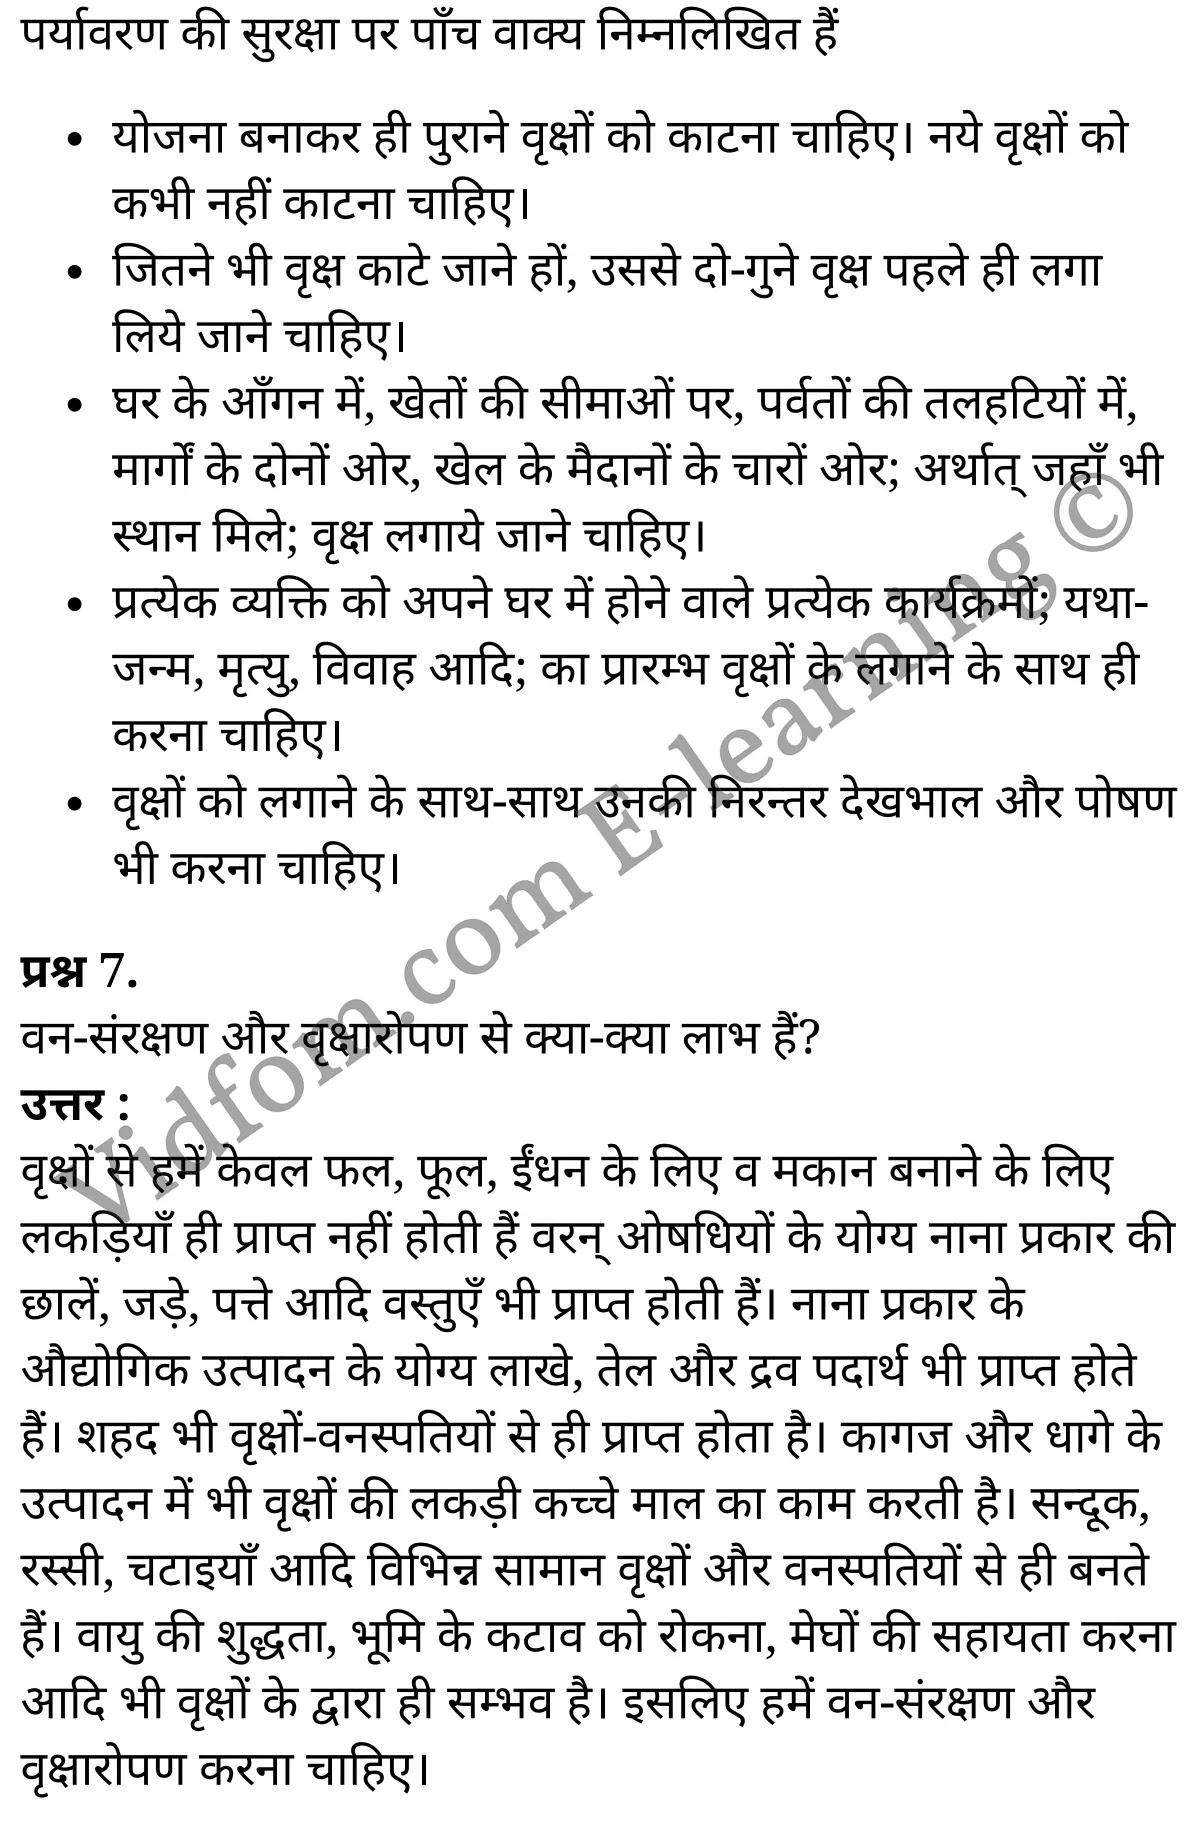 कक्षा 10 संस्कृत  के नोट्स  हिंदी में एनसीईआरटी समाधान,     class 10 sanskrit gadya bharathi Chapter 11,   class 10 sanskrit gadya bharathi Chapter 11 ncert solutions in Hindi,   class 10 sanskrit gadya bharathi Chapter 11 notes in hindi,   class 10 sanskrit gadya bharathi Chapter 11 question answer,   class 10 sanskrit gadya bharathi Chapter 11 notes,   class 10 sanskrit gadya bharathi Chapter 11 class 10 sanskrit gadya bharathi Chapter 11 in  hindi,    class 10 sanskrit gadya bharathi Chapter 11 important questions in  hindi,   class 10 sanskrit gadya bharathi Chapter 11 notes in hindi,    class 10 sanskrit gadya bharathi Chapter 11 test,   class 10 sanskrit gadya bharathi Chapter 11 pdf,   class 10 sanskrit gadya bharathi Chapter 11 notes pdf,   class 10 sanskrit gadya bharathi Chapter 11 exercise solutions,   class 10 sanskrit gadya bharathi Chapter 11 notes study rankers,   class 10 sanskrit gadya bharathi Chapter 11 notes,    class 10 sanskrit gadya bharathi Chapter 11  class 10  notes pdf,   class 10 sanskrit gadya bharathi Chapter 11 class 10  notes  ncert,   class 10 sanskrit gadya bharathi Chapter 11 class 10 pdf,   class 10 sanskrit gadya bharathi Chapter 11  book,   class 10 sanskrit gadya bharathi Chapter 11 quiz class 10  ,   कक्षा 10 जीवनं निहितं वने,  कक्षा 10 जीवनं निहितं वने  के नोट्स हिंदी में,  कक्षा 10 जीवनं निहितं वने प्रश्न उत्तर,  कक्षा 10 जीवनं निहितं वने के नोट्स,  10 कक्षा जीवनं निहितं वने  हिंदी में, कक्षा 10 जीवनं निहितं वने  हिंदी में,  कक्षा 10 जीवनं निहितं वने  महत्वपूर्ण प्रश्न हिंदी में, कक्षा 10 संस्कृत के नोट्स  हिंदी में, जीवनं निहितं वने हिंदी में कक्षा 10 नोट्स pdf,    जीवनं निहितं वने हिंदी में  कक्षा 10 नोट्स 2021 ncert,   जीवनं निहितं वने हिंदी  कक्षा 10 pdf,   जीवनं निहितं वने हिंदी में  पुस्तक,   जीवनं निहितं वने हिंदी में की बुक,   जीवनं निहितं वने हिंदी में  प्रश्नोत्तरी class 10 ,  10   वीं जीवनं निहितं वने  पुस्तक up board,   बिहार बोर्ड 10  पुस्तक वीं जीवनं निहितं वने नोट्स,    जीवनं निहितं वने  कक्षा 10 नोट्स 2021 nc